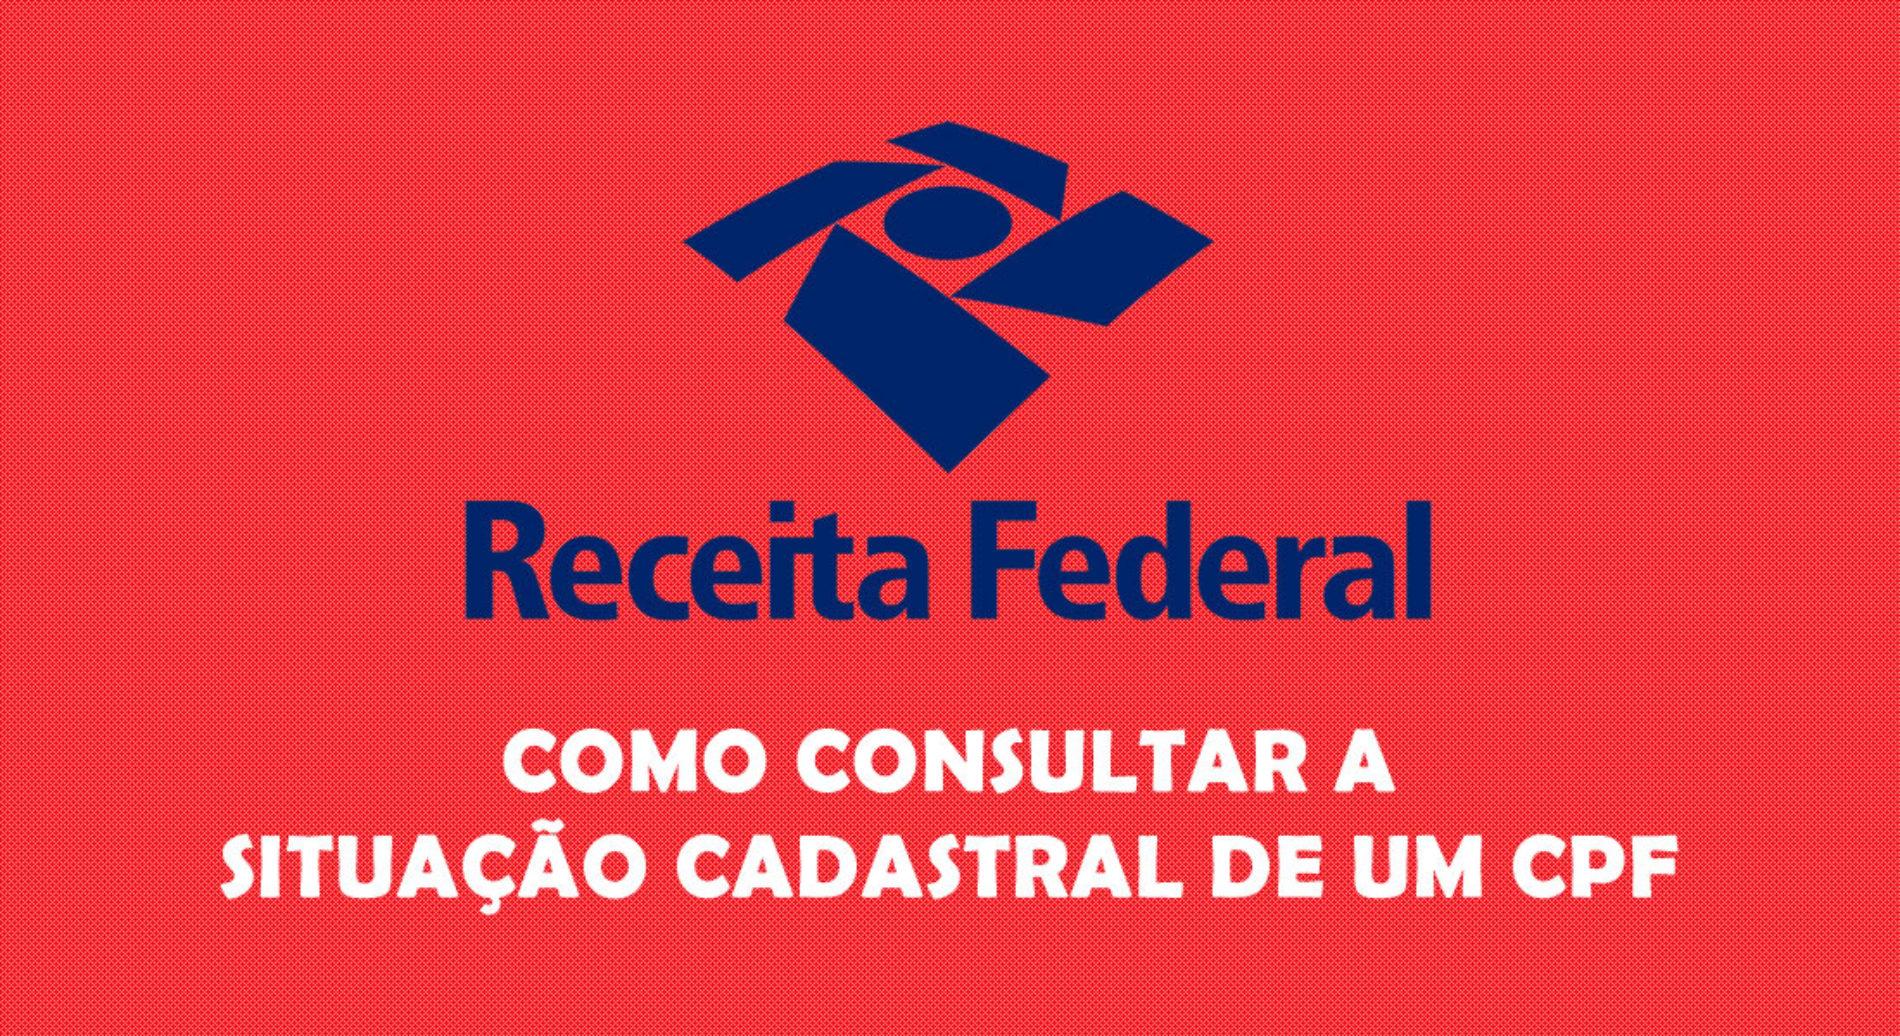 Como conferir a situação cadastral do CPF na Receita Federal?